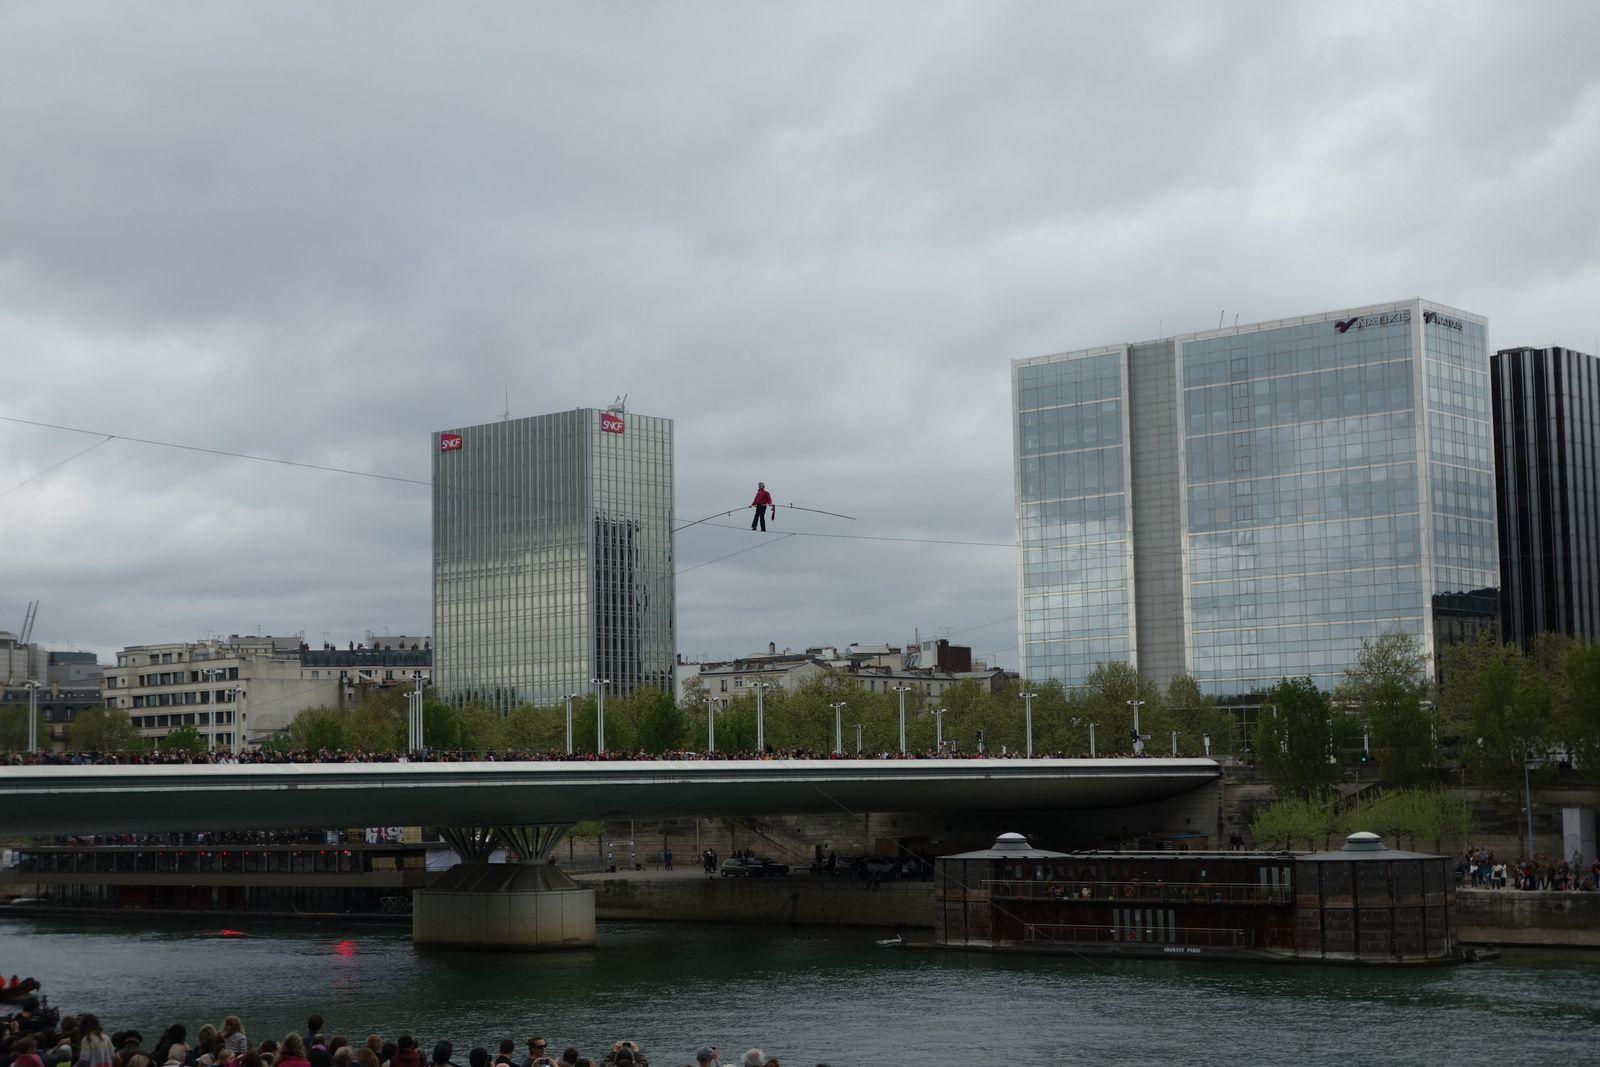 DENIS JOSSELIN FUNAMBULE TRAVERSE LA SEINE (6/04/2014)